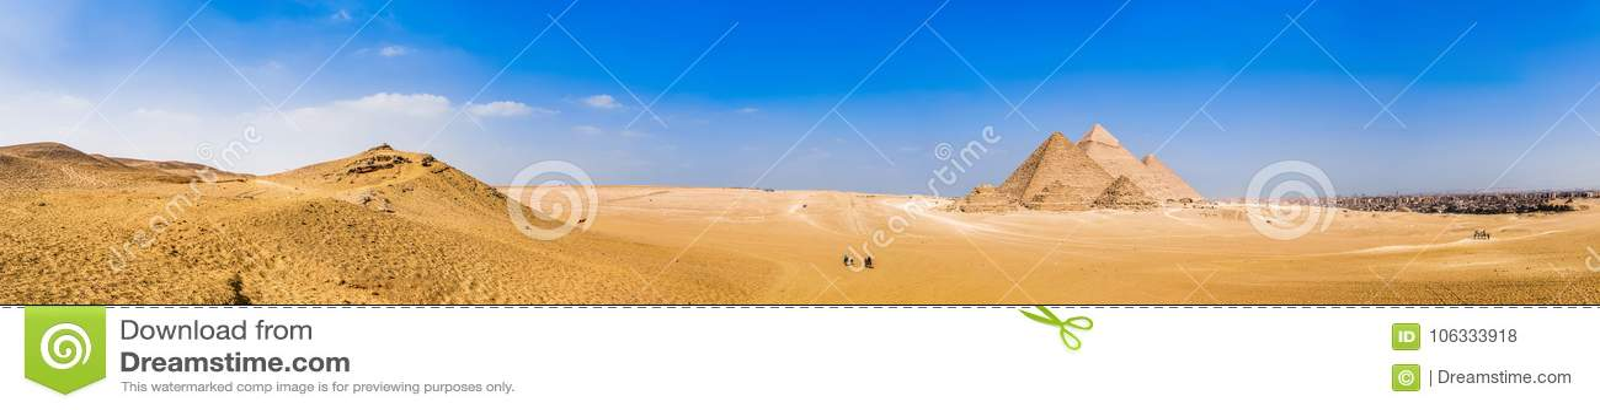 Panorama der großen Pyramiden von Giseh, Ägypten